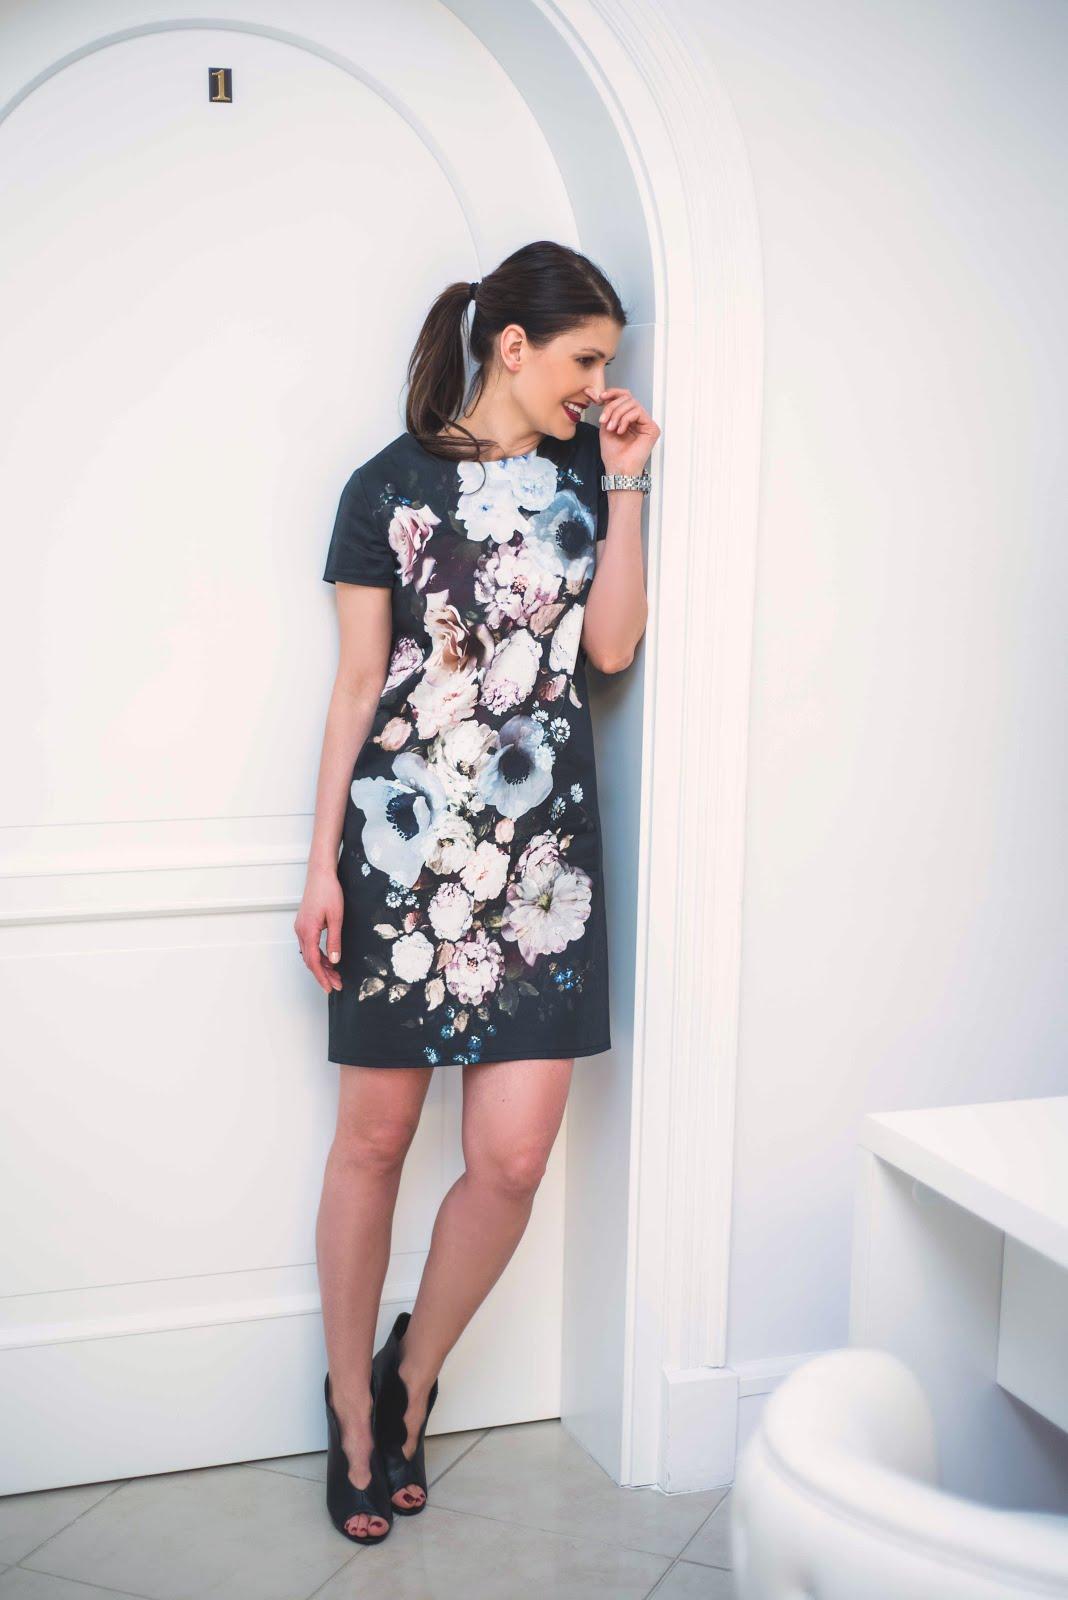 d5bcbeaedb Mała Czarna i Kwiaty   koktajlowa sukienka w stylizacji. Sukienka i  flowerbox dostępne są w butiku Novamoda. buty - Aldo. photo  Olga  Jędrzejewska